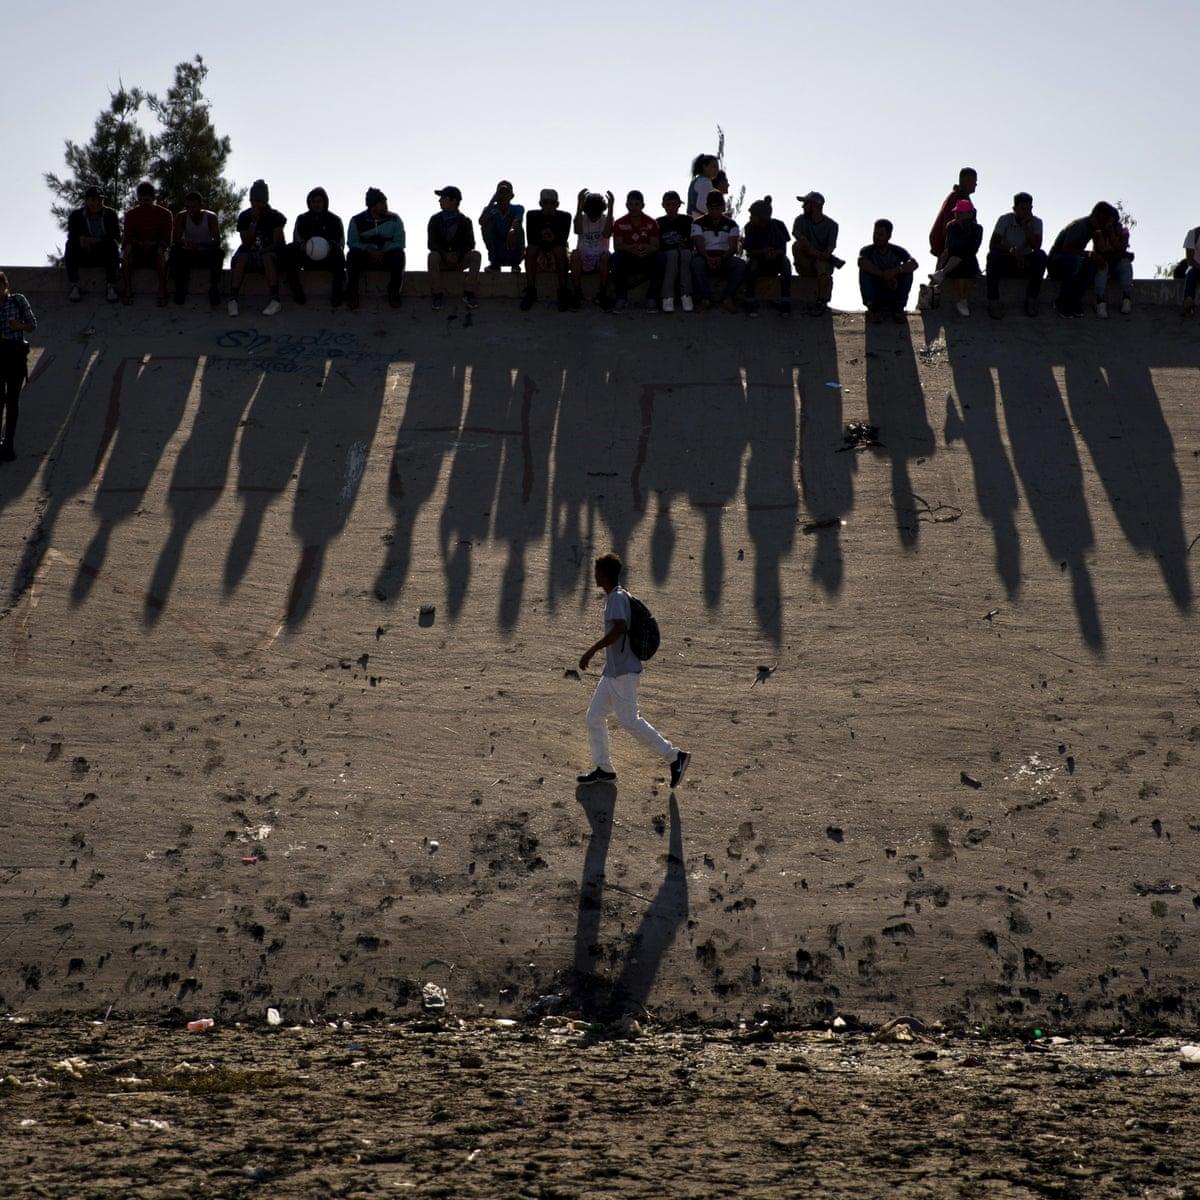 大批南美洲移民卡在美墨边境等待新政府兑现移民承诺